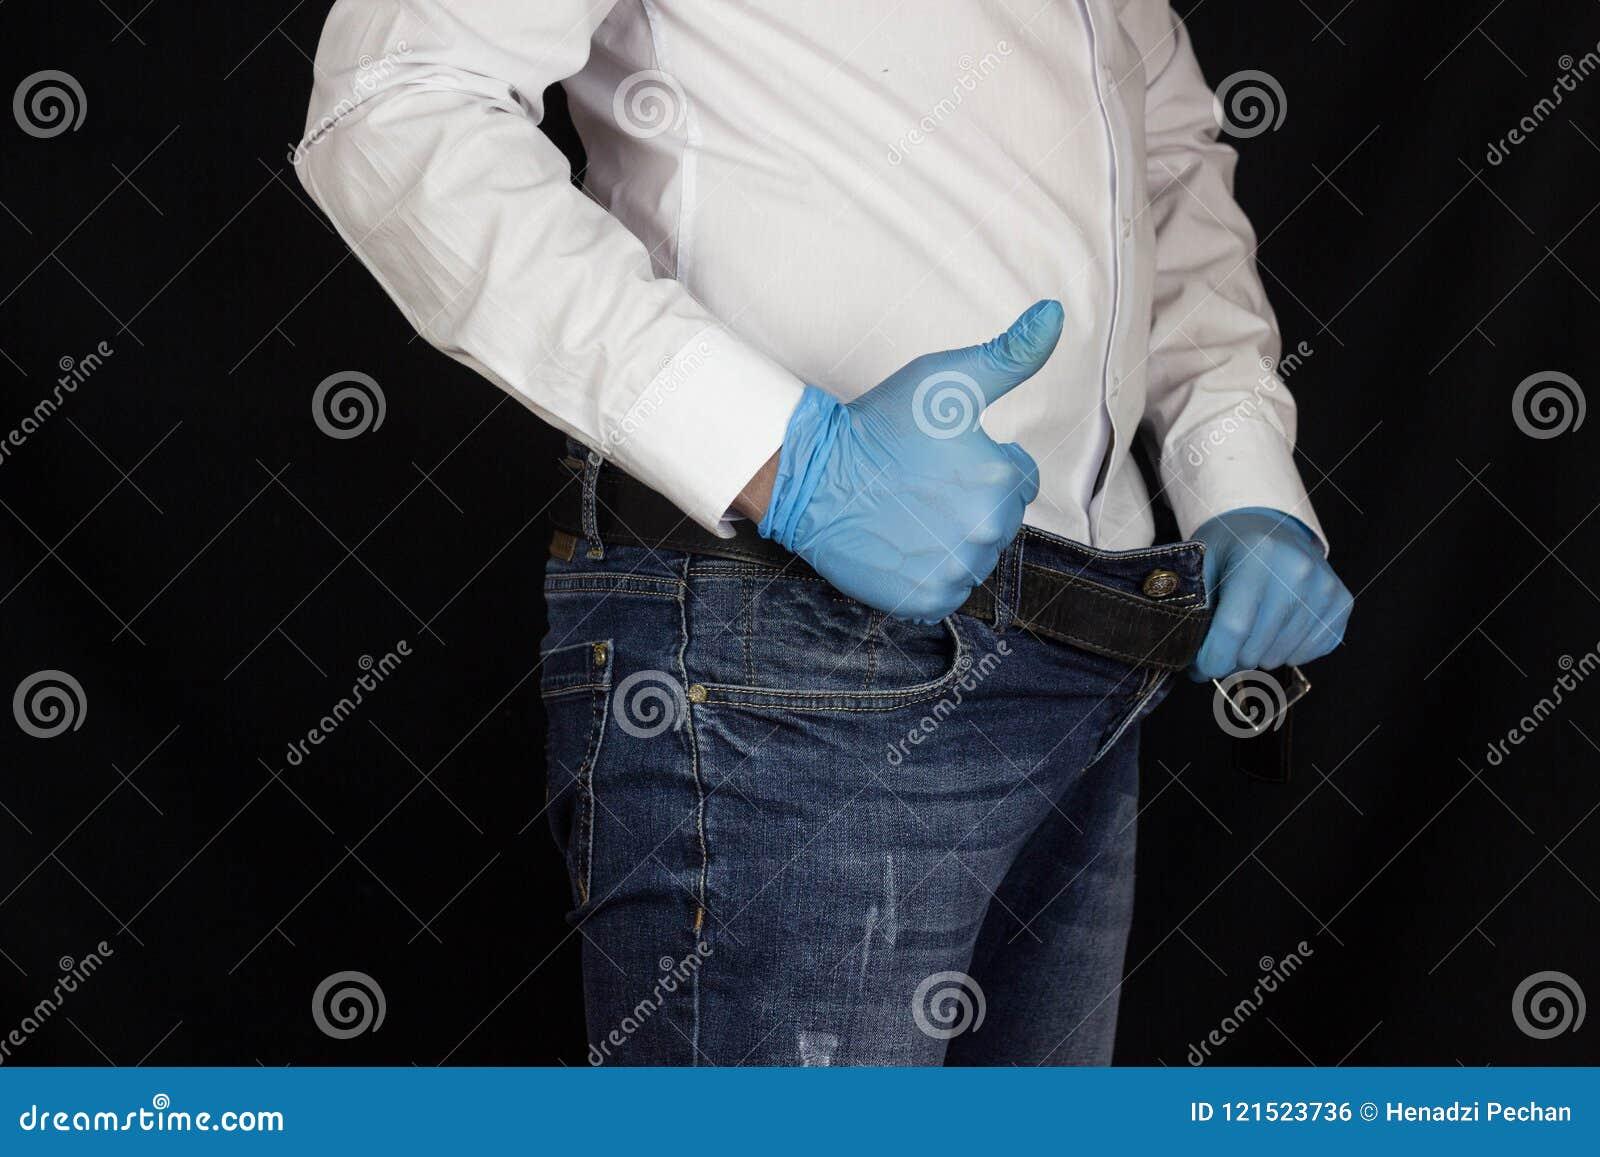 erección con pantalones